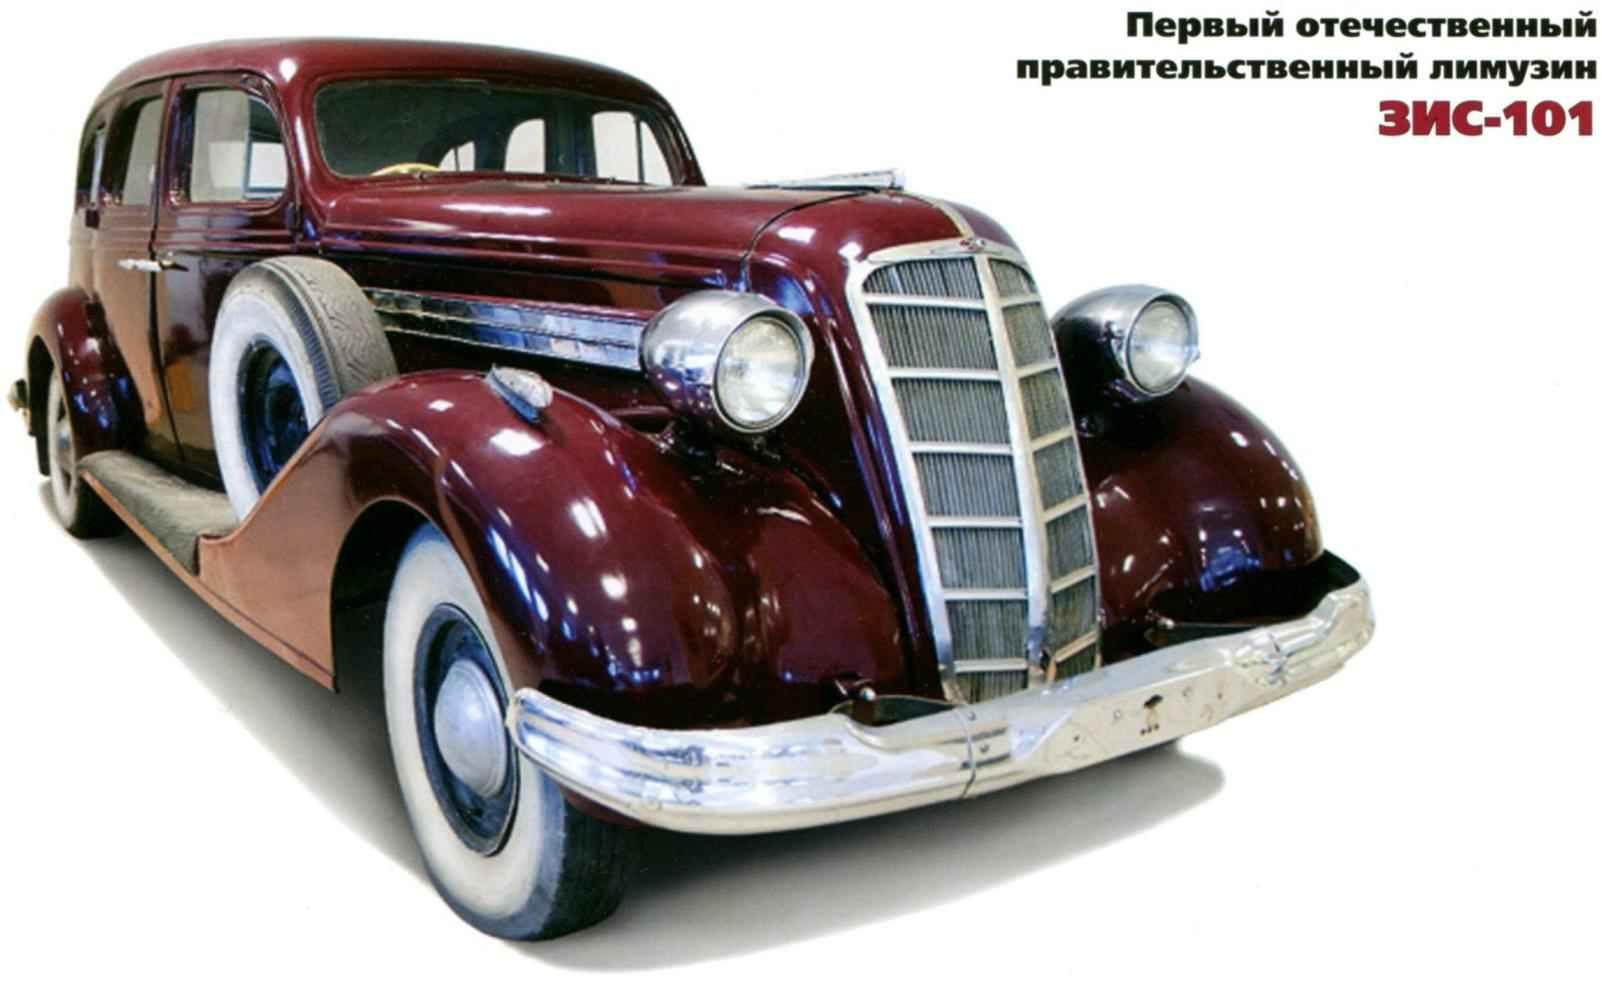 Автомобиль высшего класса ЗИС-101